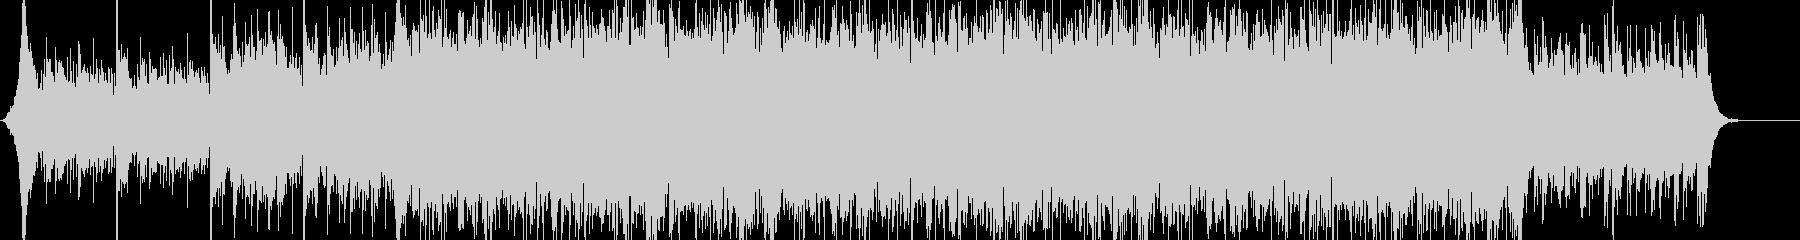 サスペンス系 スリリングで緊迫した曲の未再生の波形